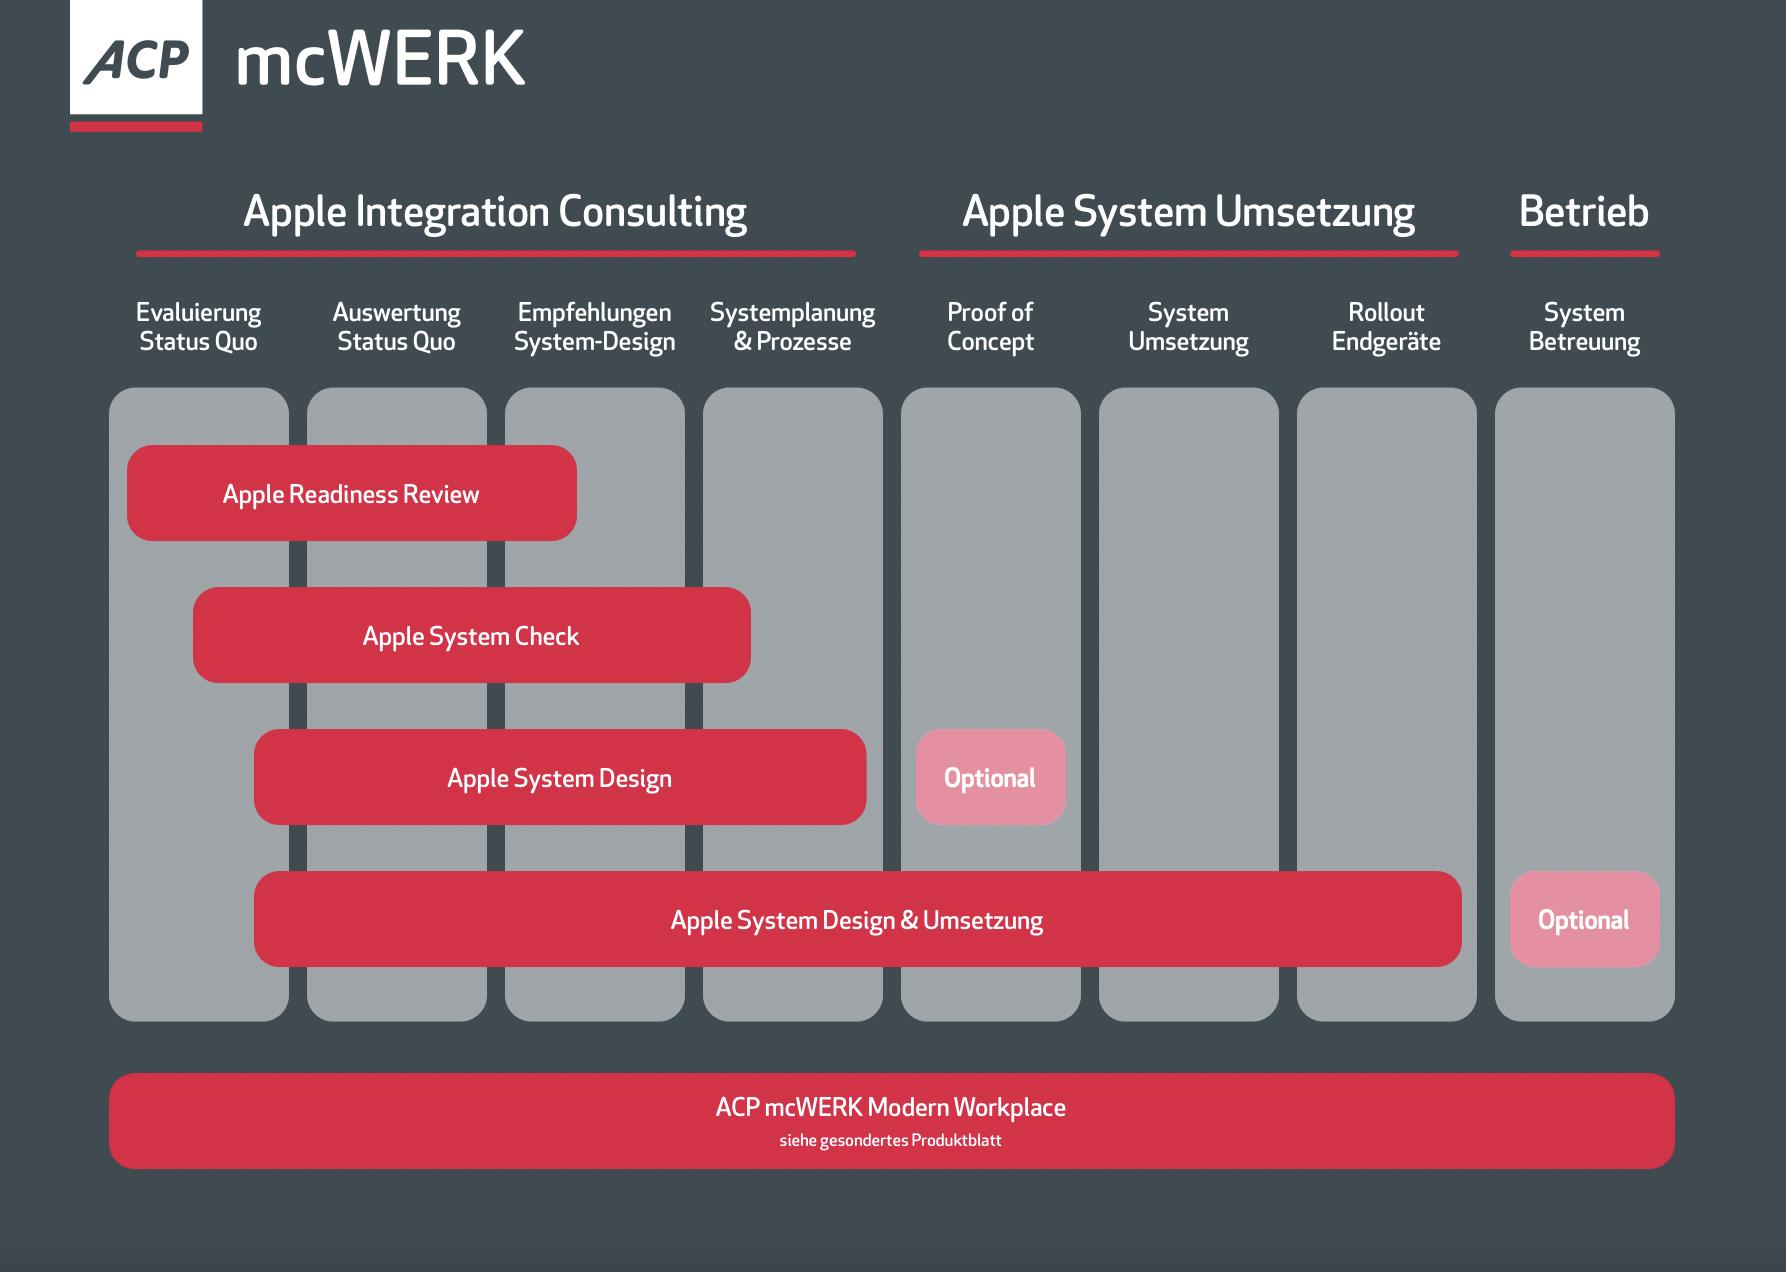 ACP mcWERK Apple Integration